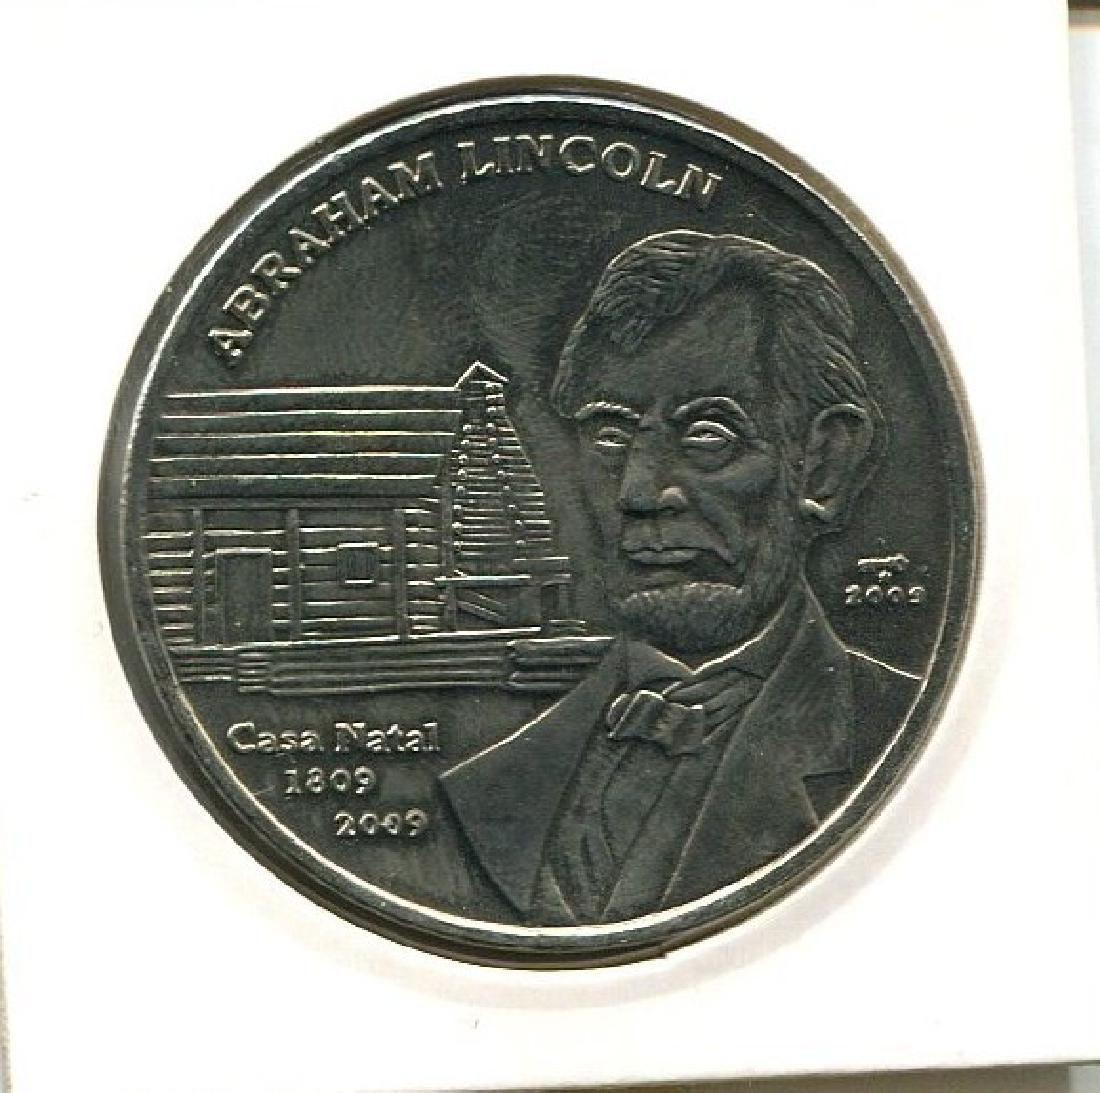 2009 CUBA 1 Peso ABRAHAM LINCOLN - CASA NATAL UNC